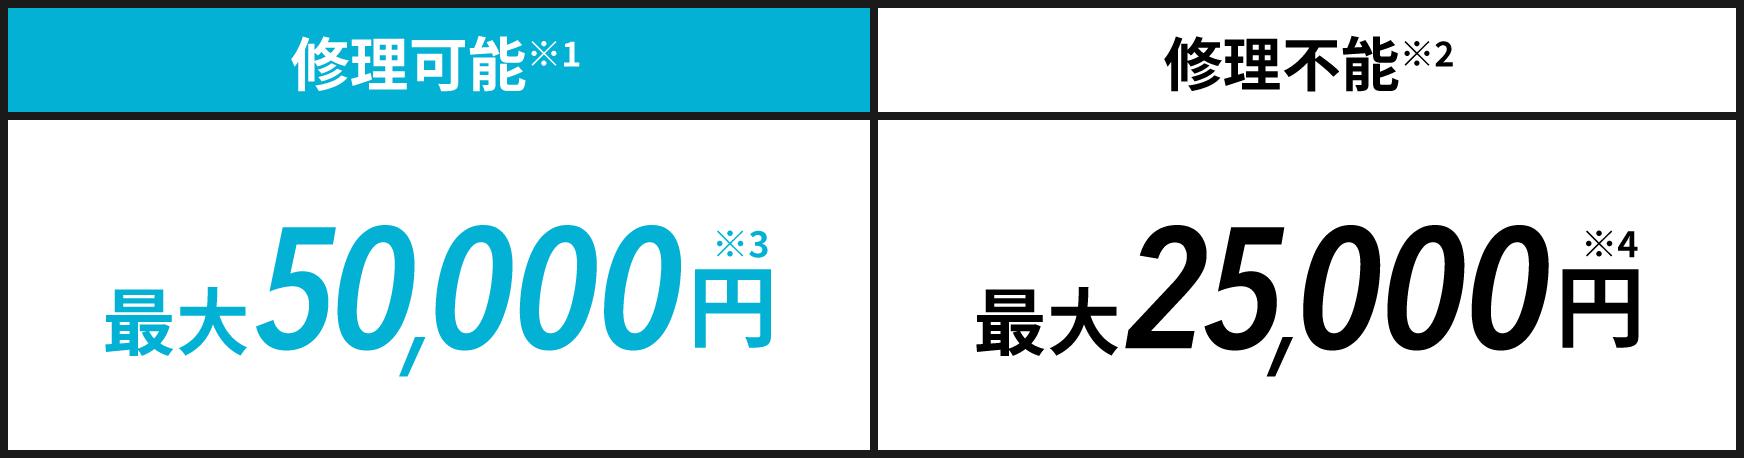 修理可能(※1)最大50,000円(※3) 修理不能(※2)最大25,000円(※4)